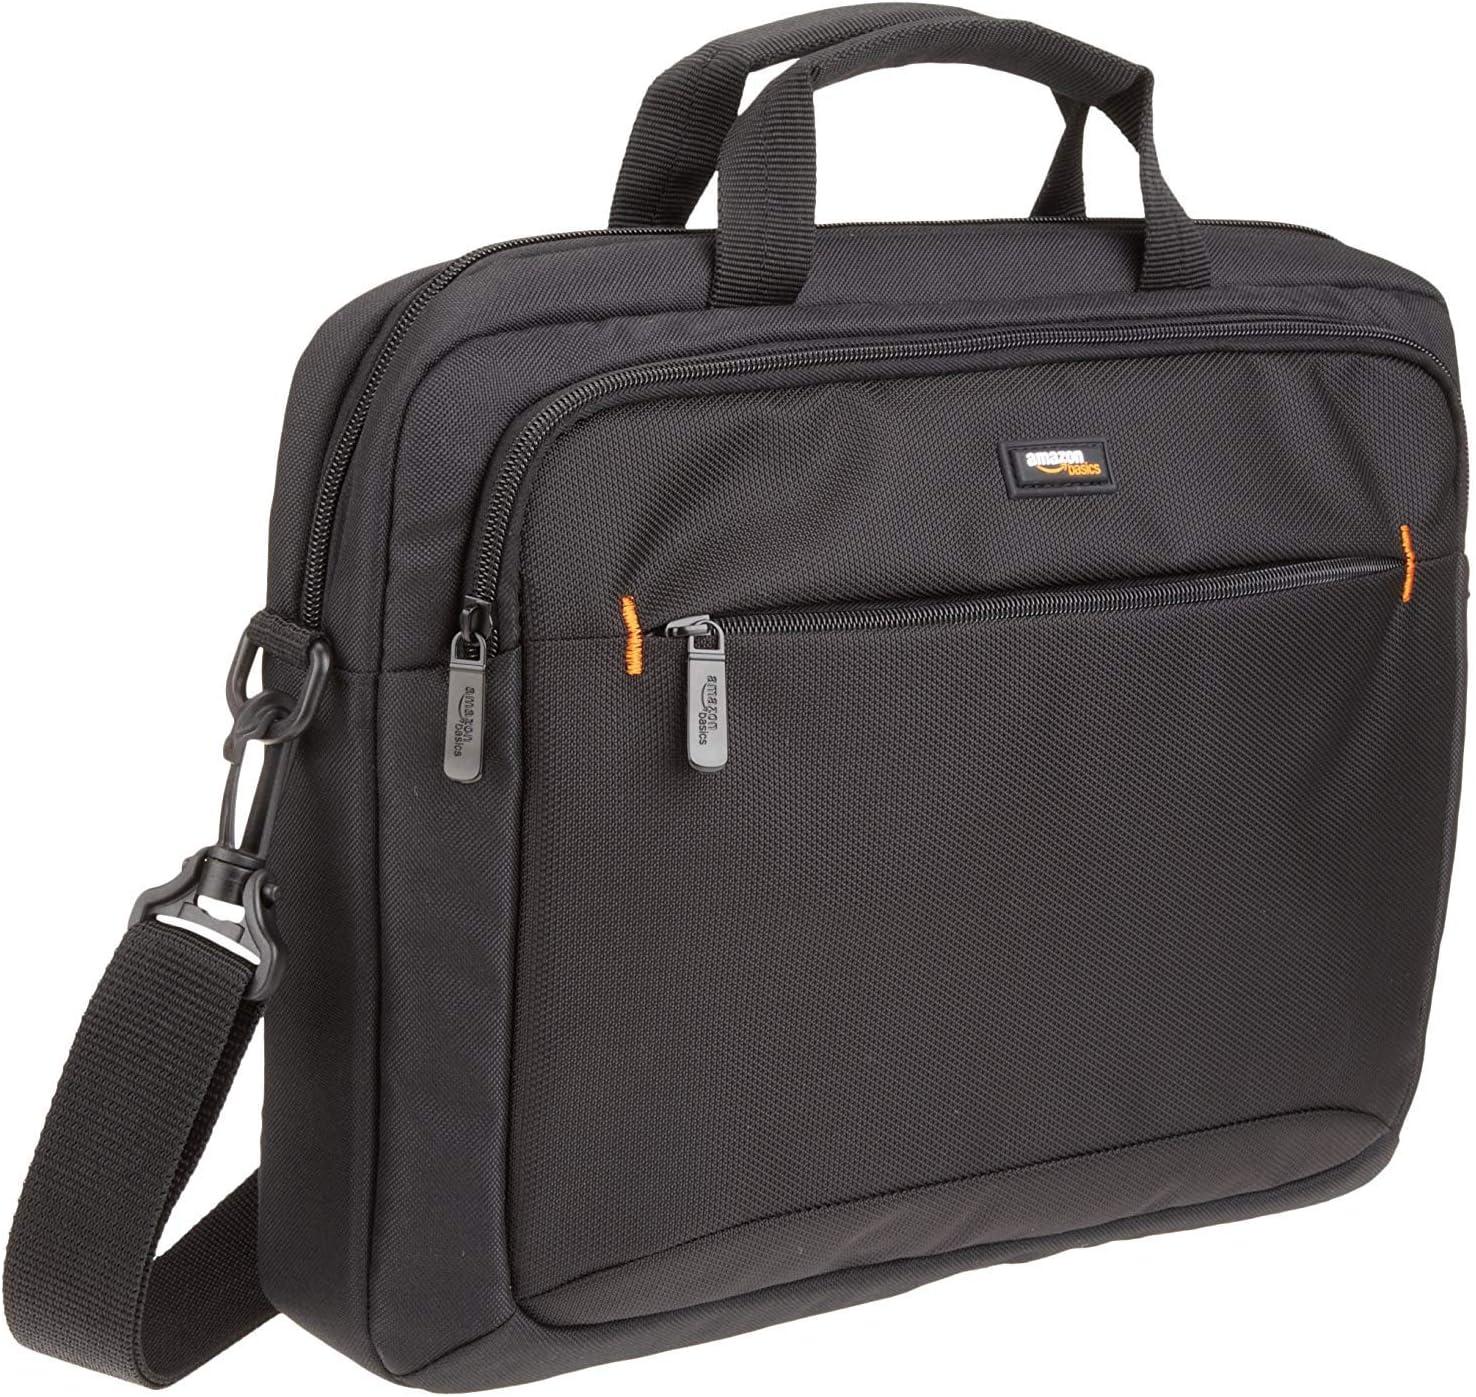 AmazonBasics - Funda para llevar del hombro ordenador portátil de 14 pulgadas (35,6 cm) e iPad, negro, 1 unidad